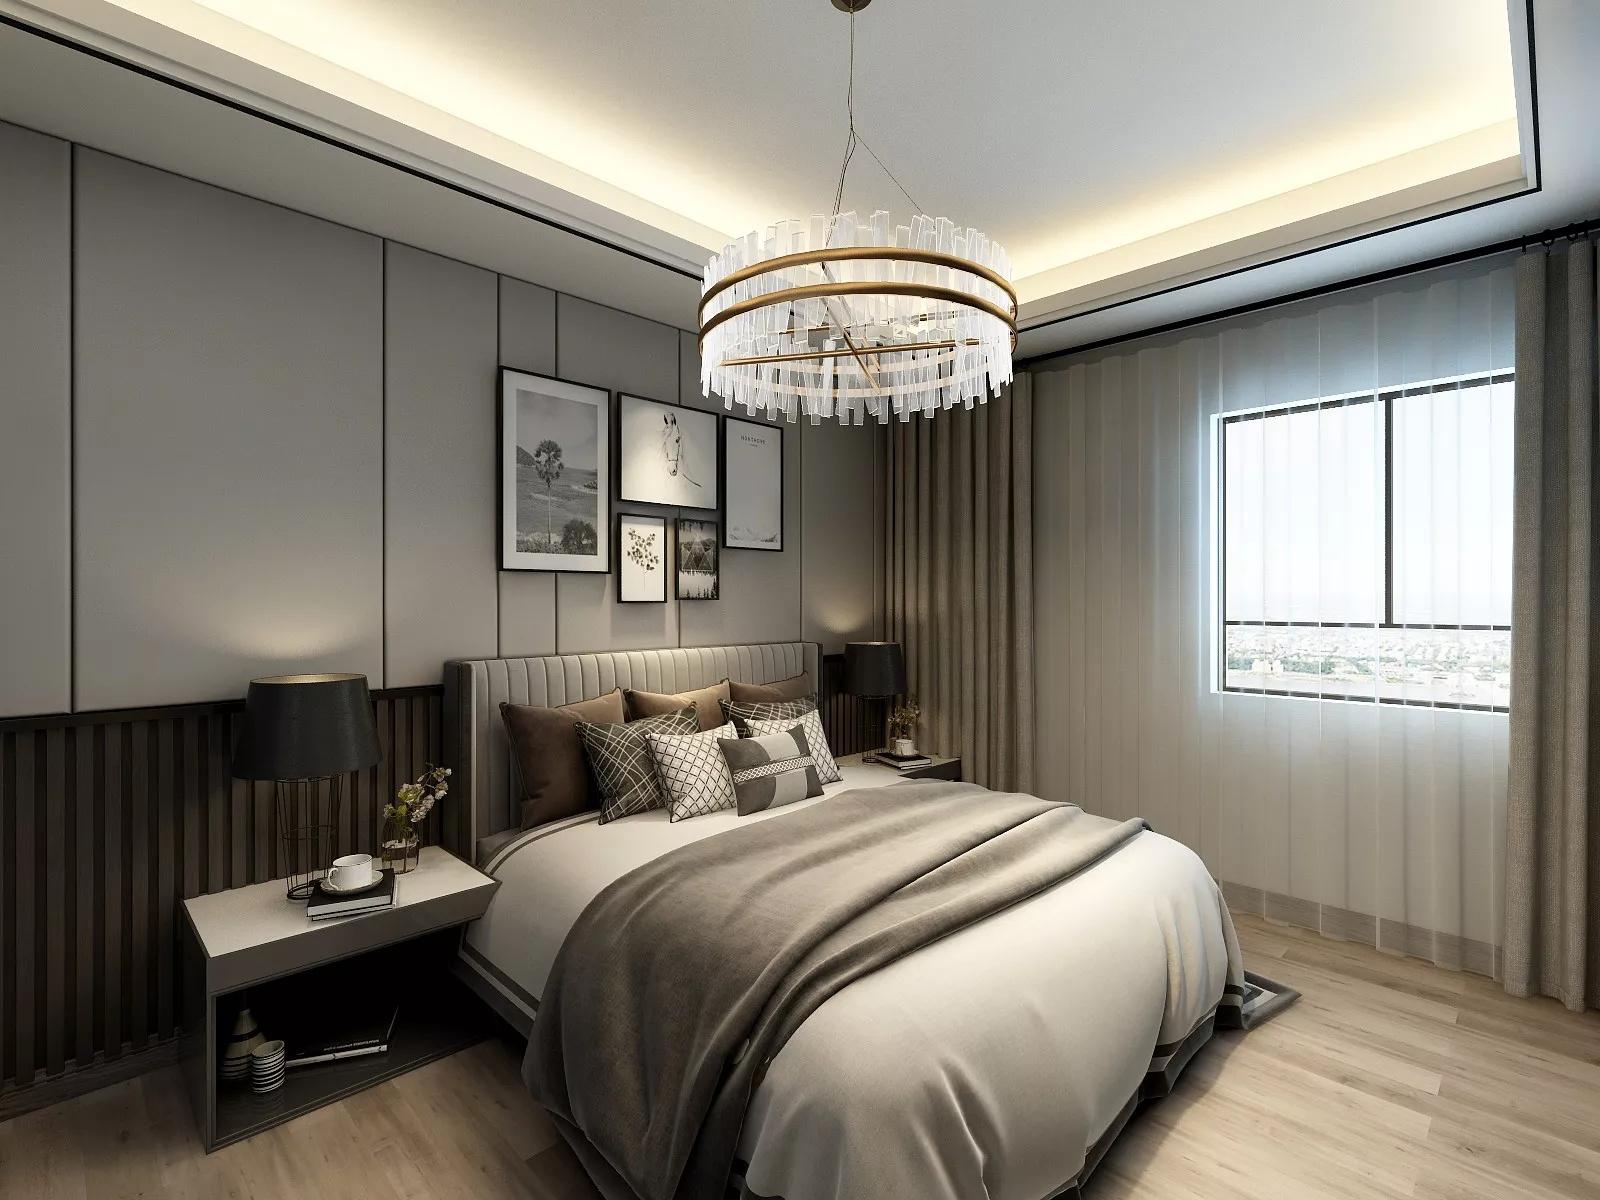 别墅挑高客厅如何装修 别墅挑高客厅设计方法